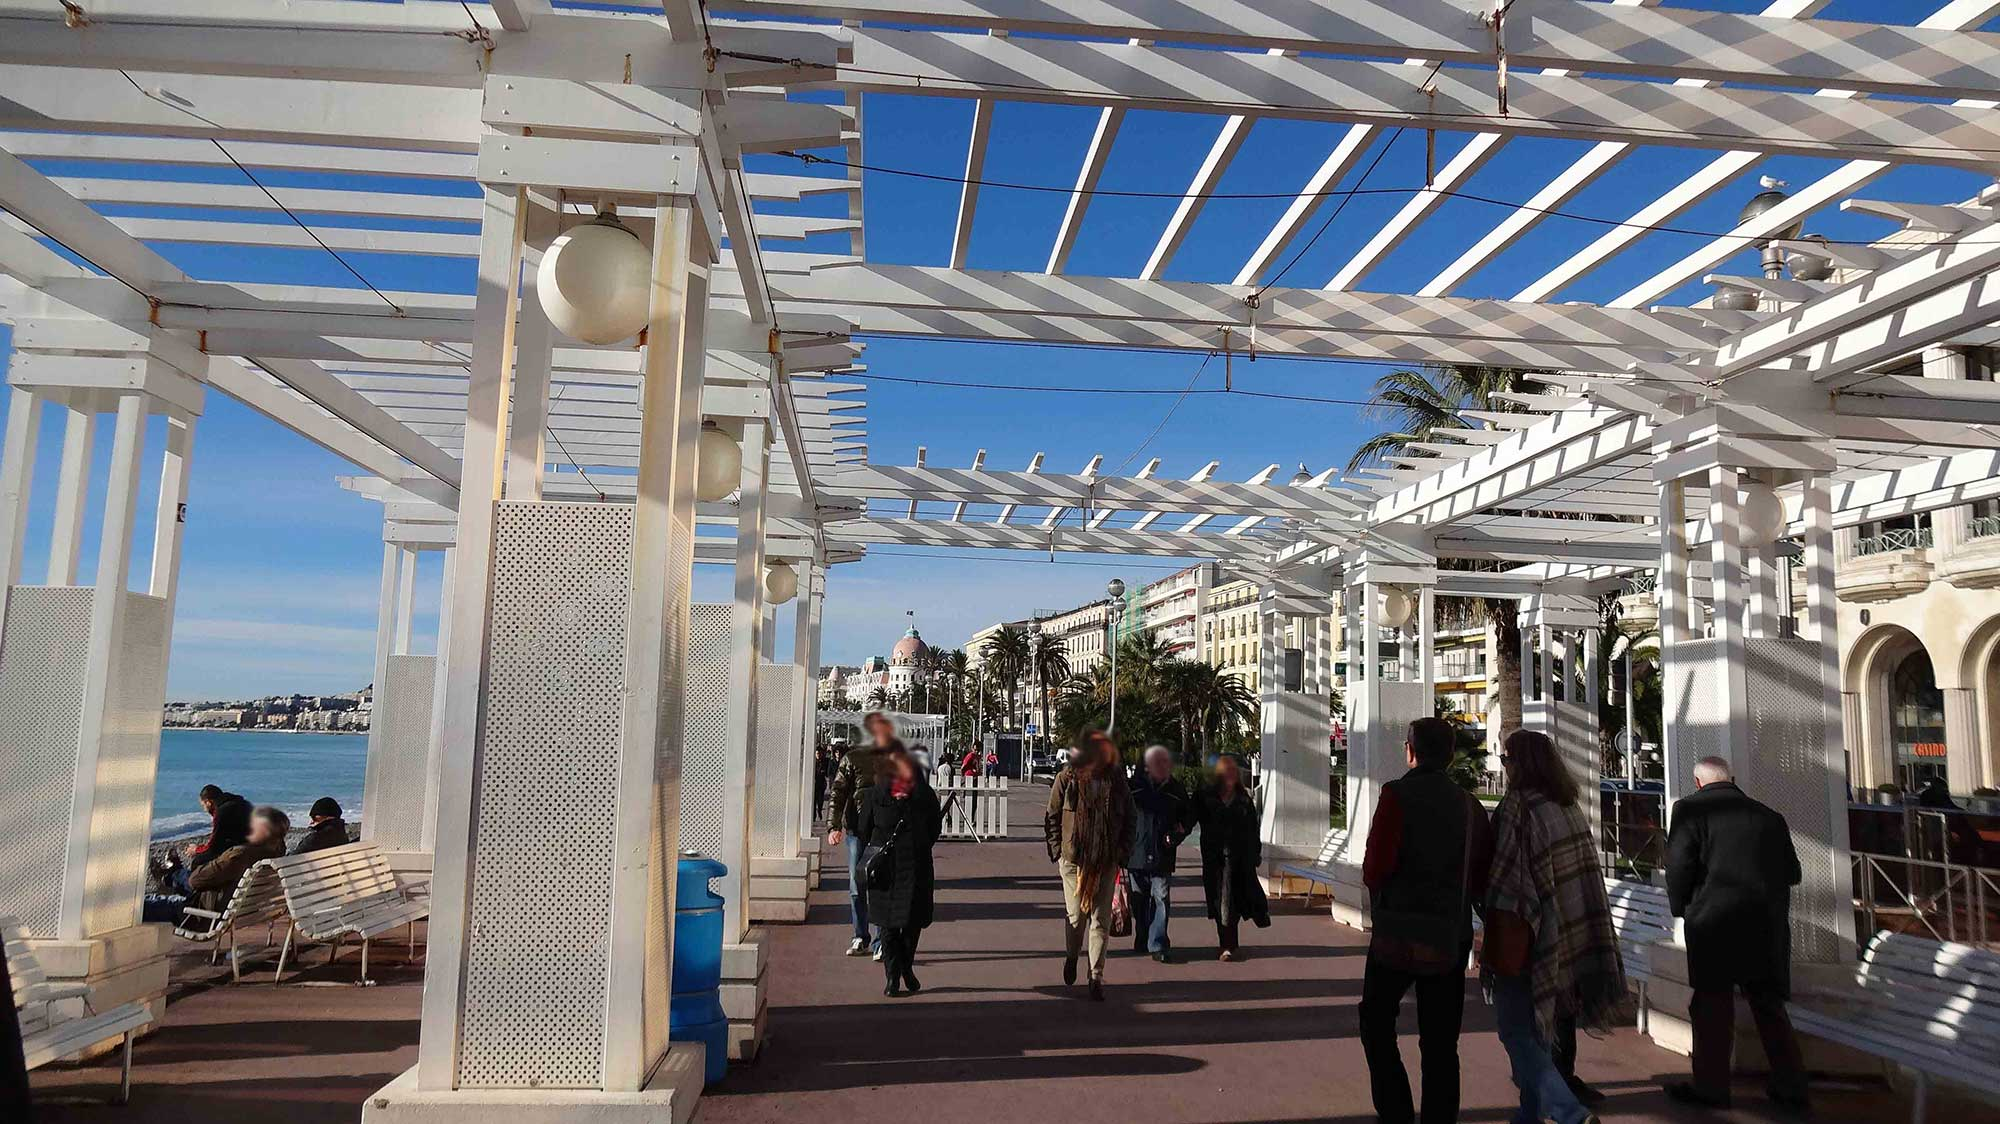 Promenade de Anglais